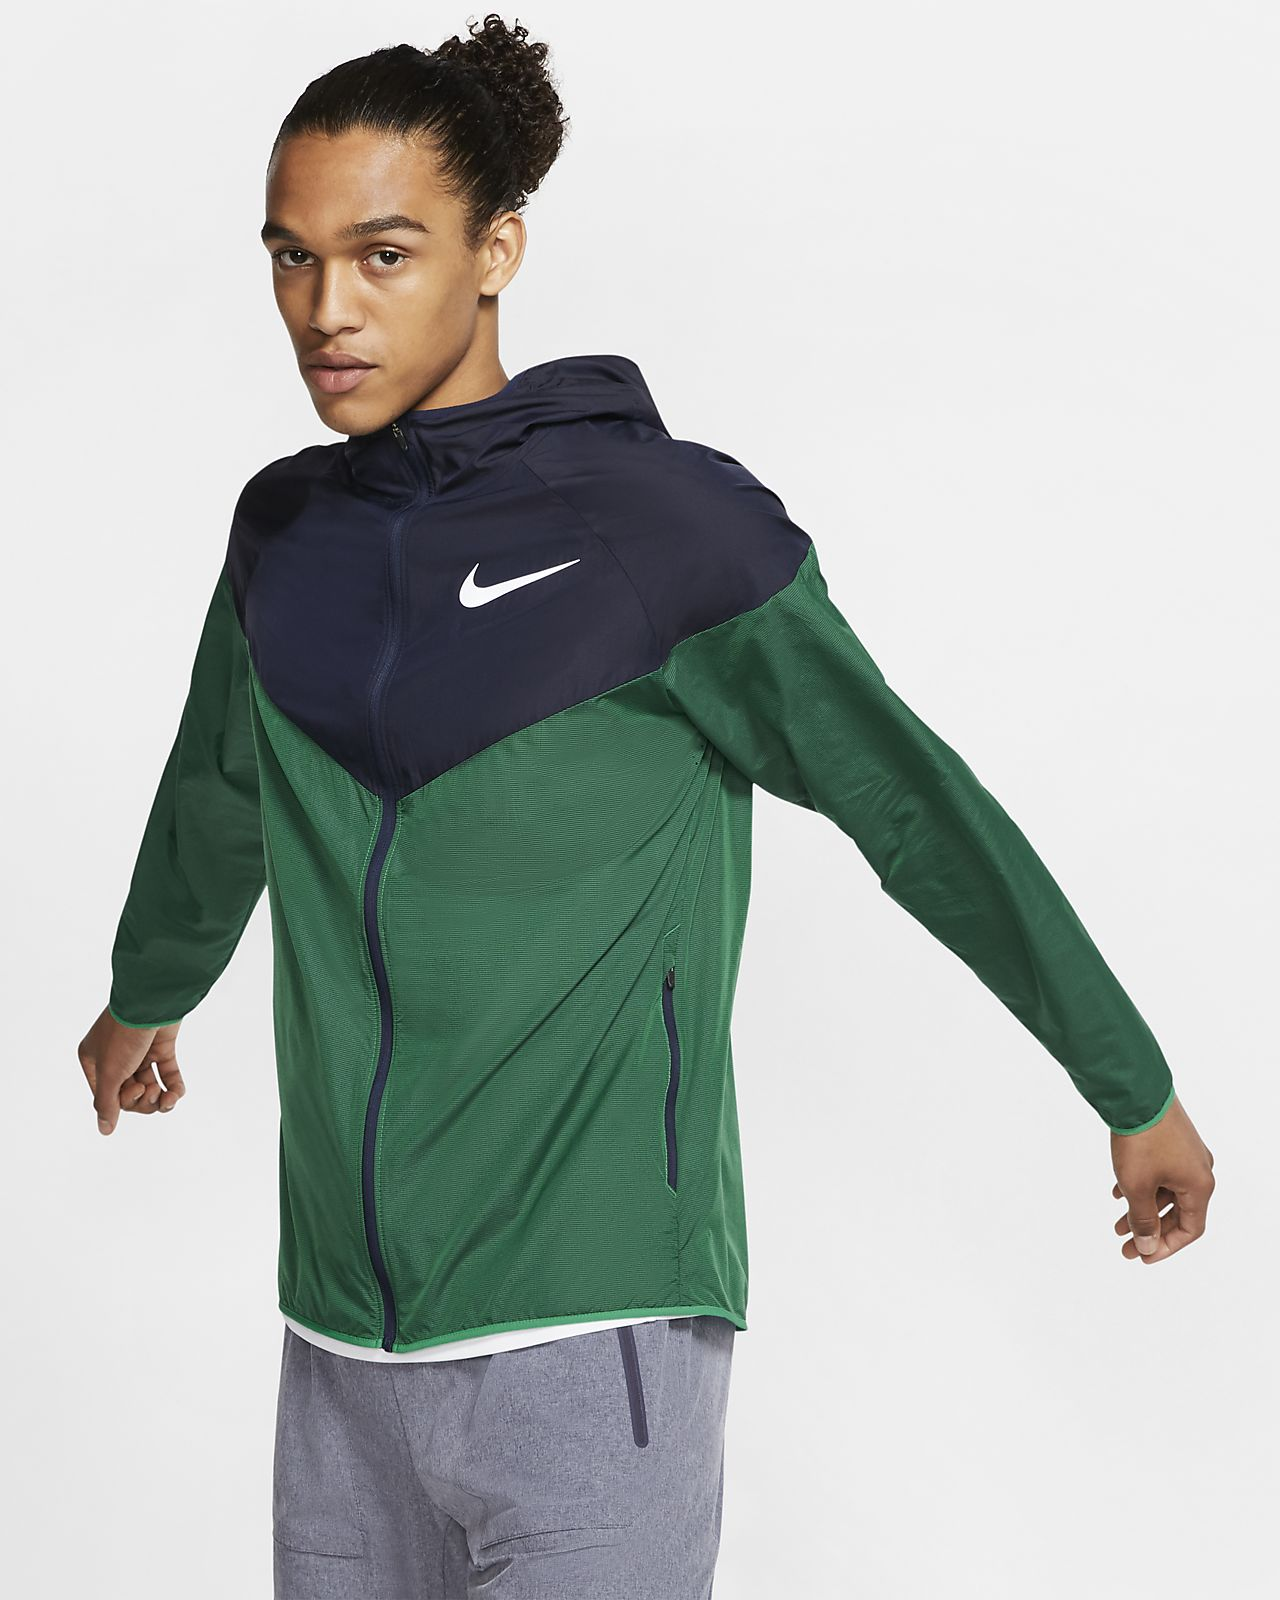 6af93c9da Nike Windrunner Men's Running Jacket. Nike.com